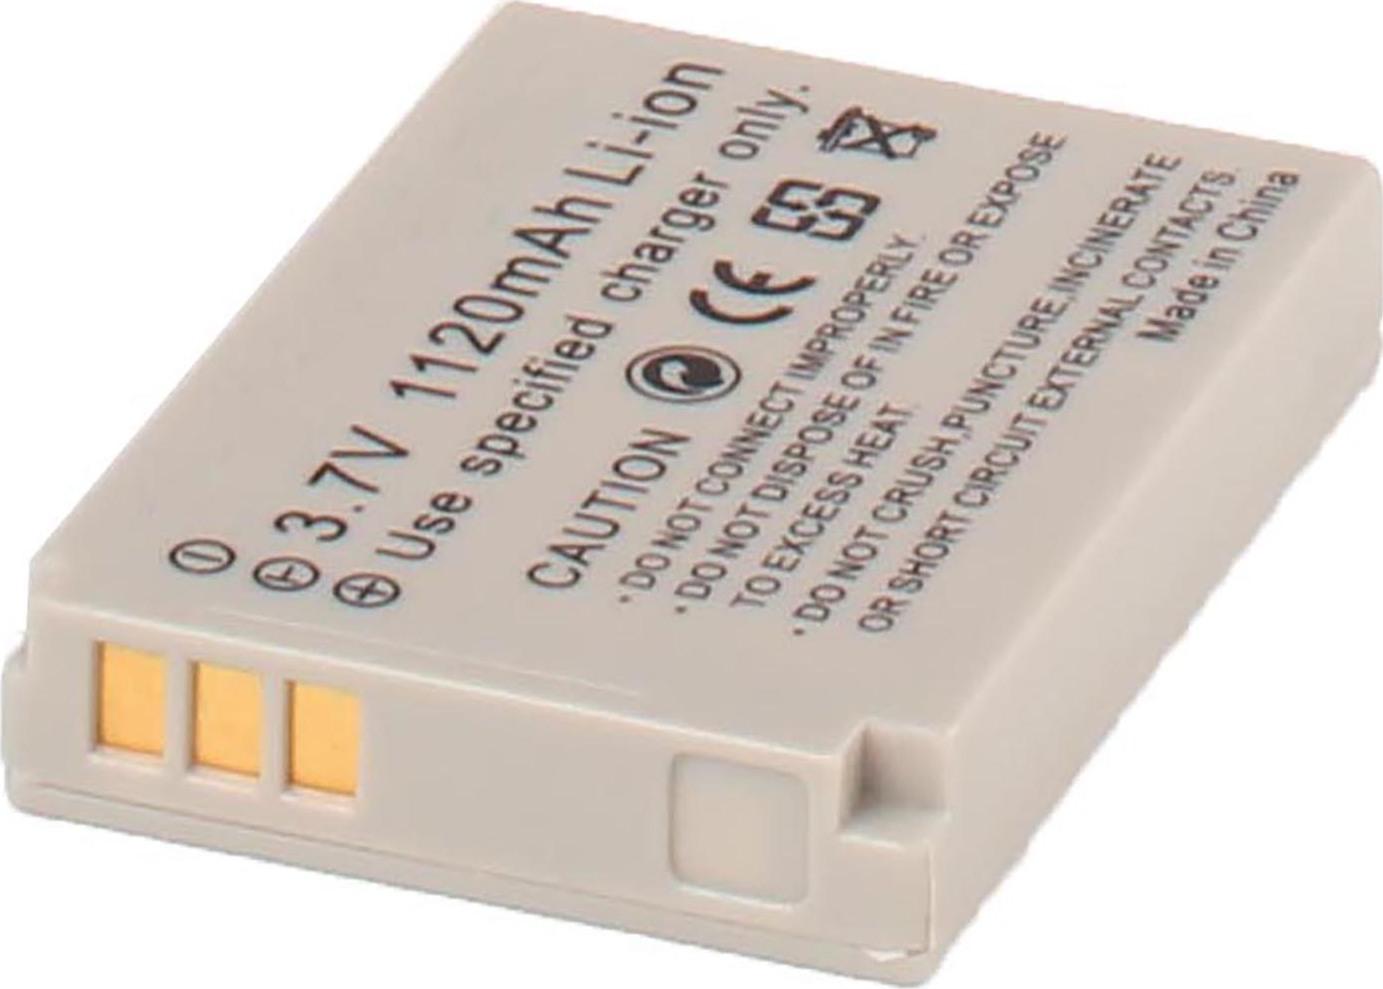 Аккумуляторная батарея iBatt iB-T1-F119 1120mAh для камер Canon PowerShot SX210 IS, PowerShot SX200 IS, Digital IXUS 90 IS, Digital IXUS 960 IS, Digital IXUS 950 IS, Digital IXUS 860 IS, PowerShot SD850 IS, Digital IXUS 900 IS, Digital IXUS 980 IS,